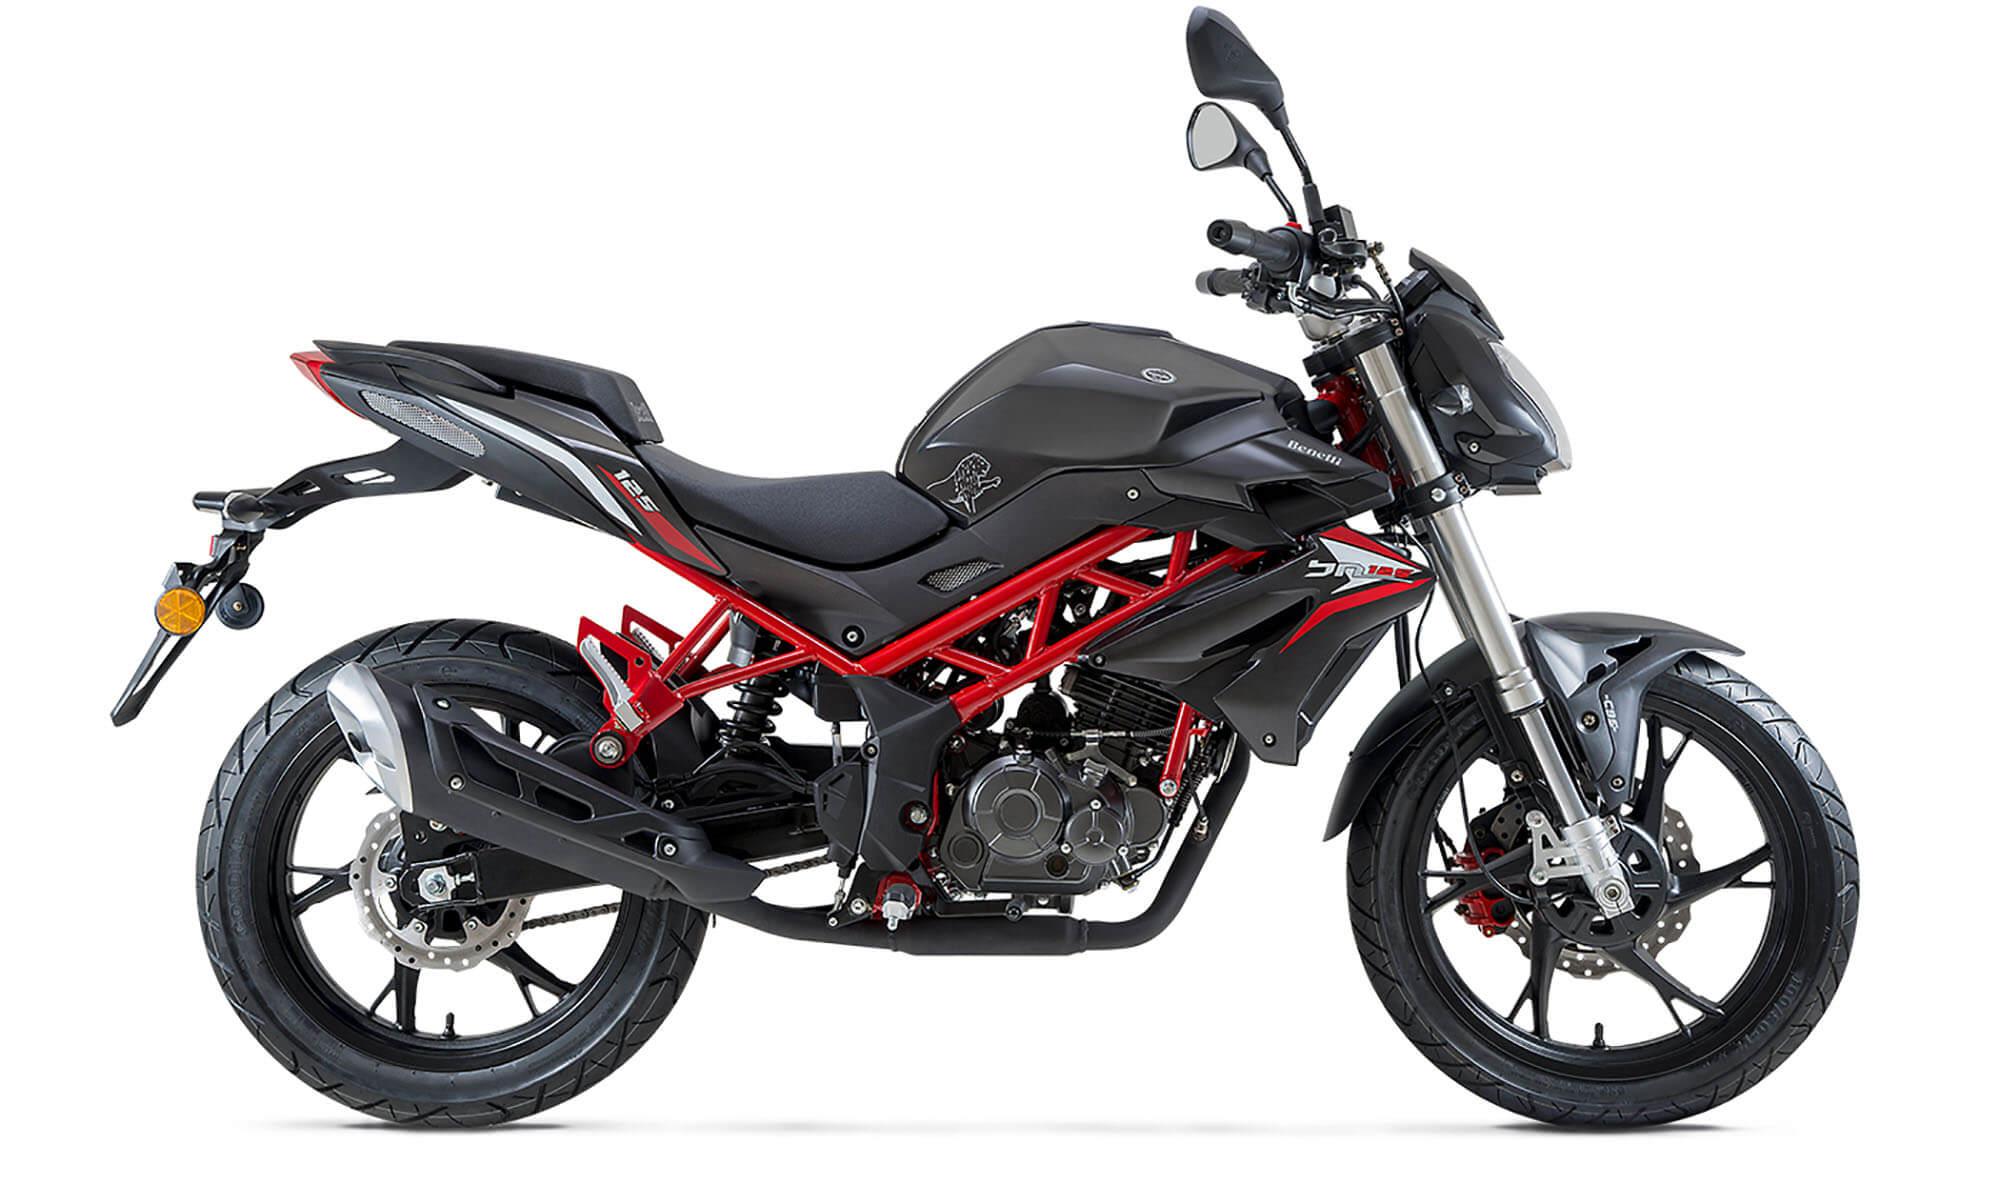 comprar-motos-benelli-bn-125-negro-motissimo-barcelona